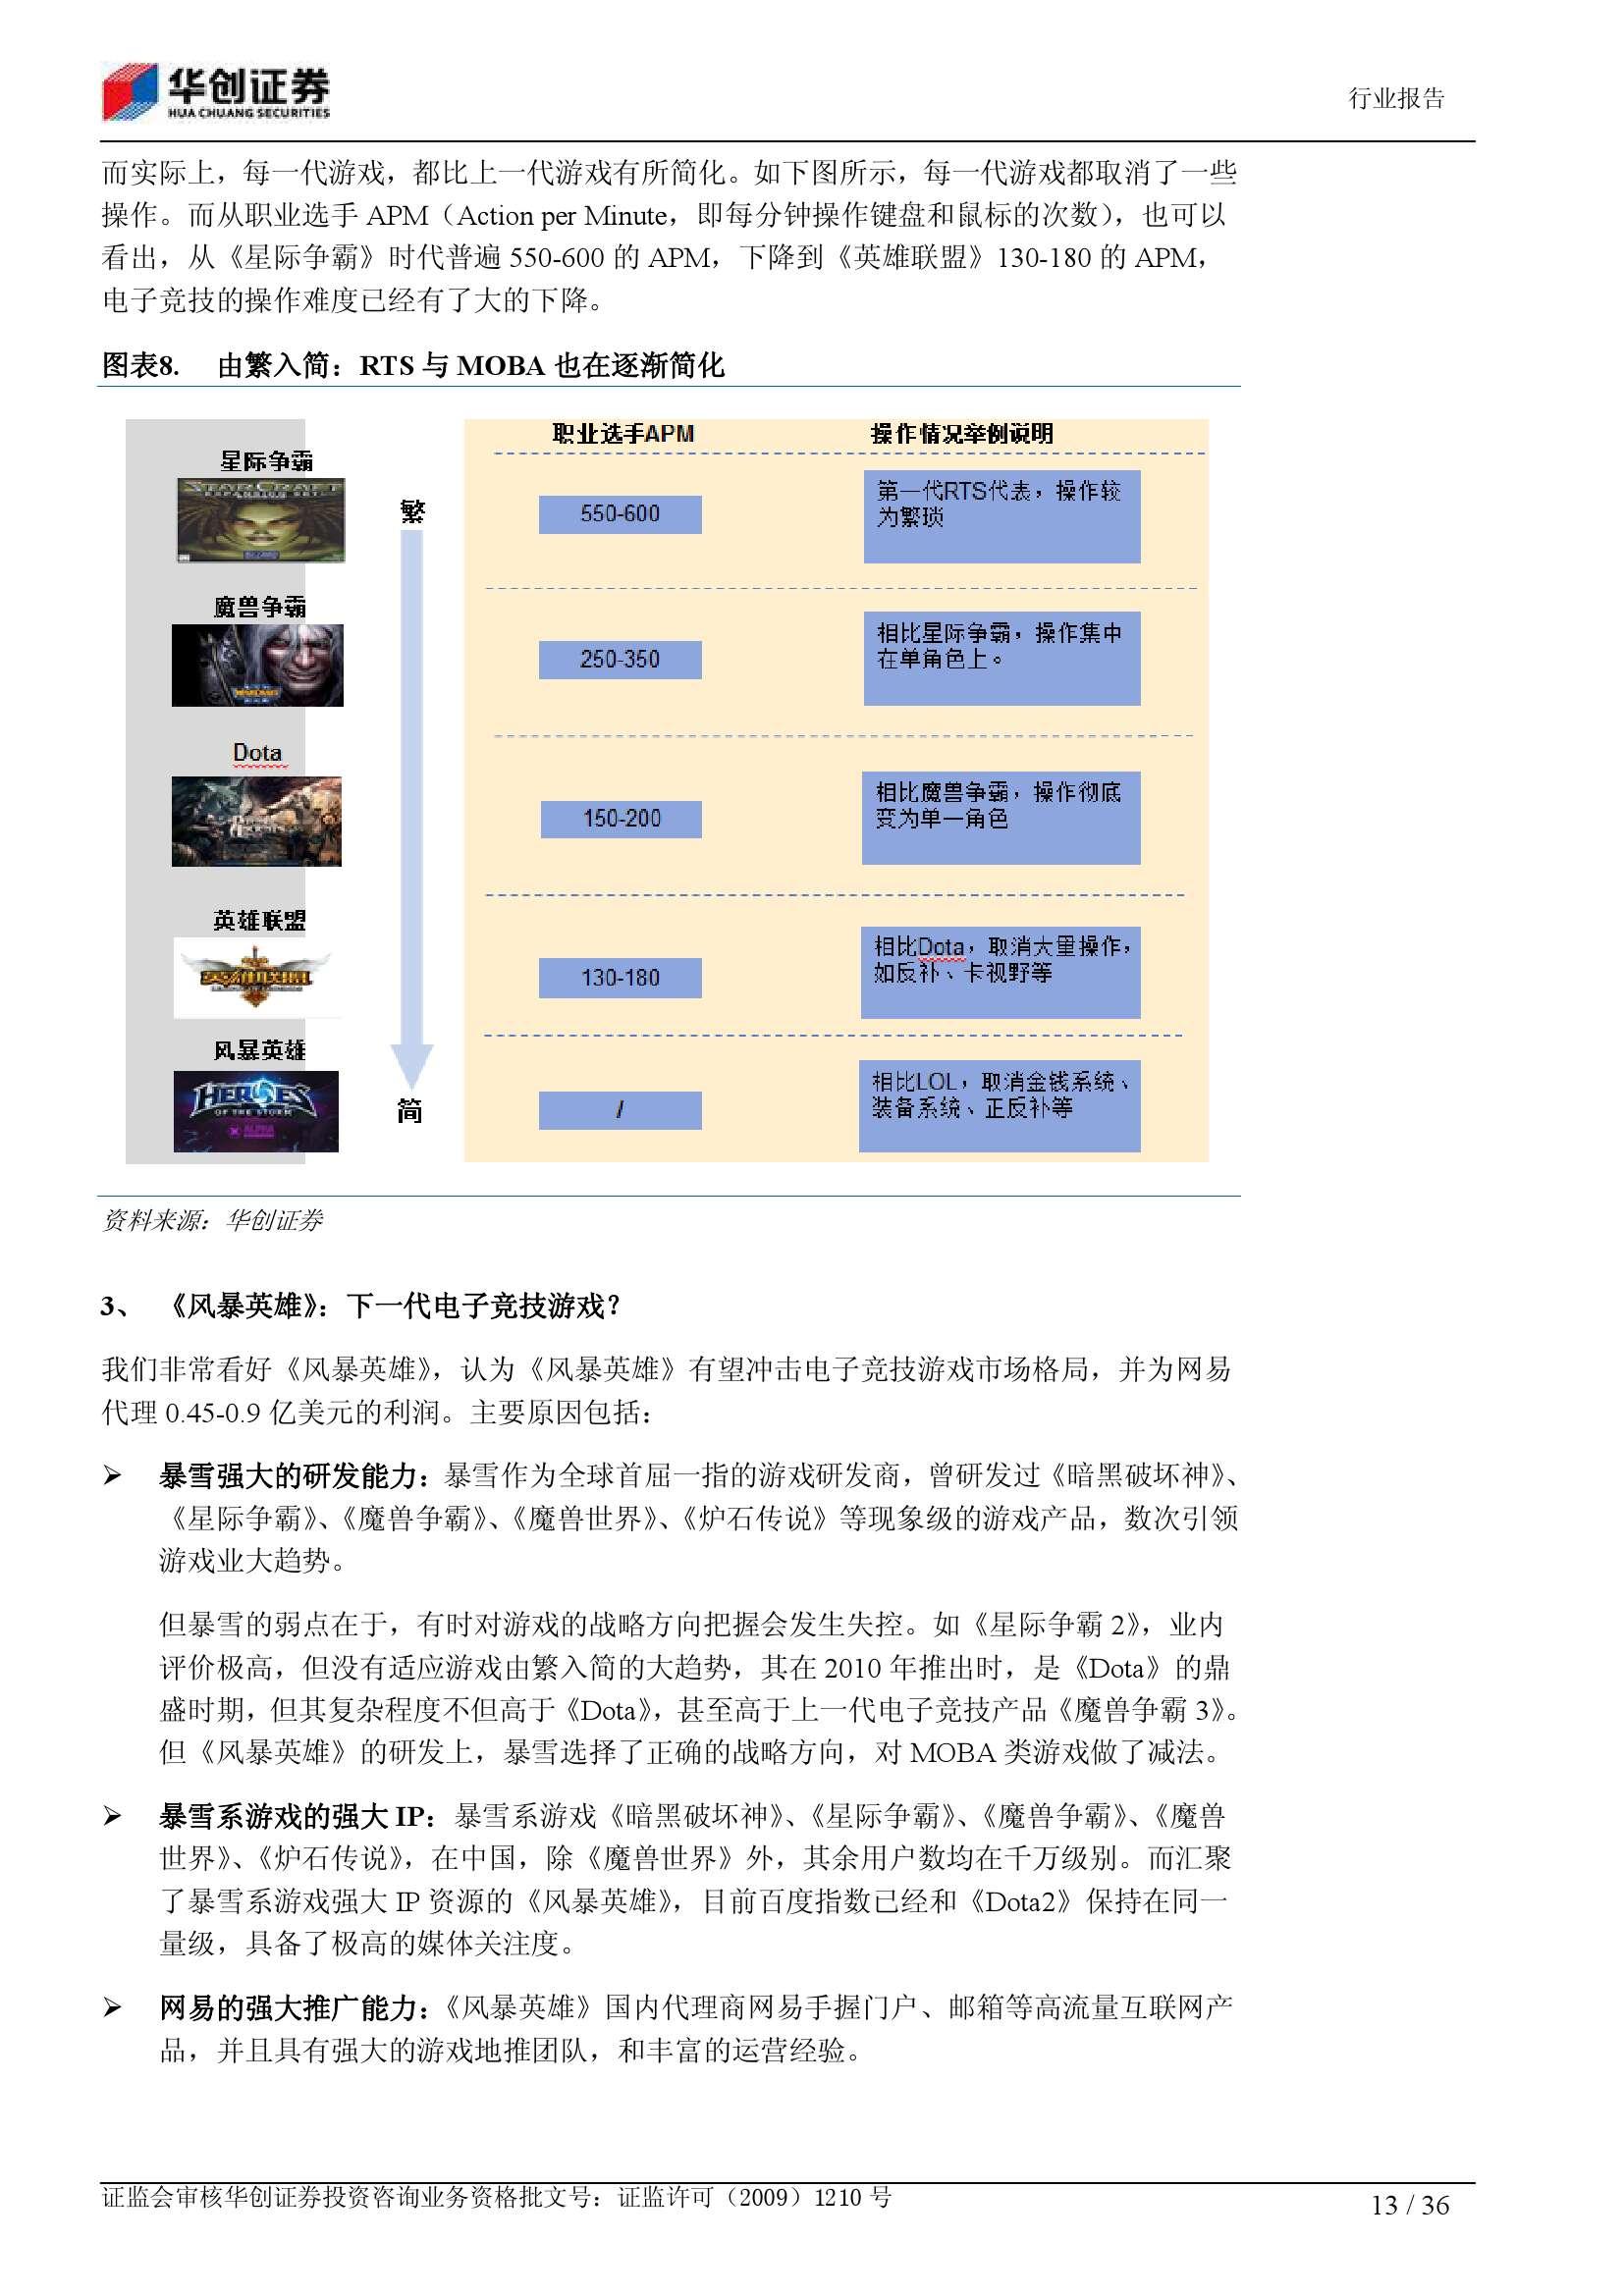 电子竞技深度报告:从小众娱乐 到千亿产业_000013